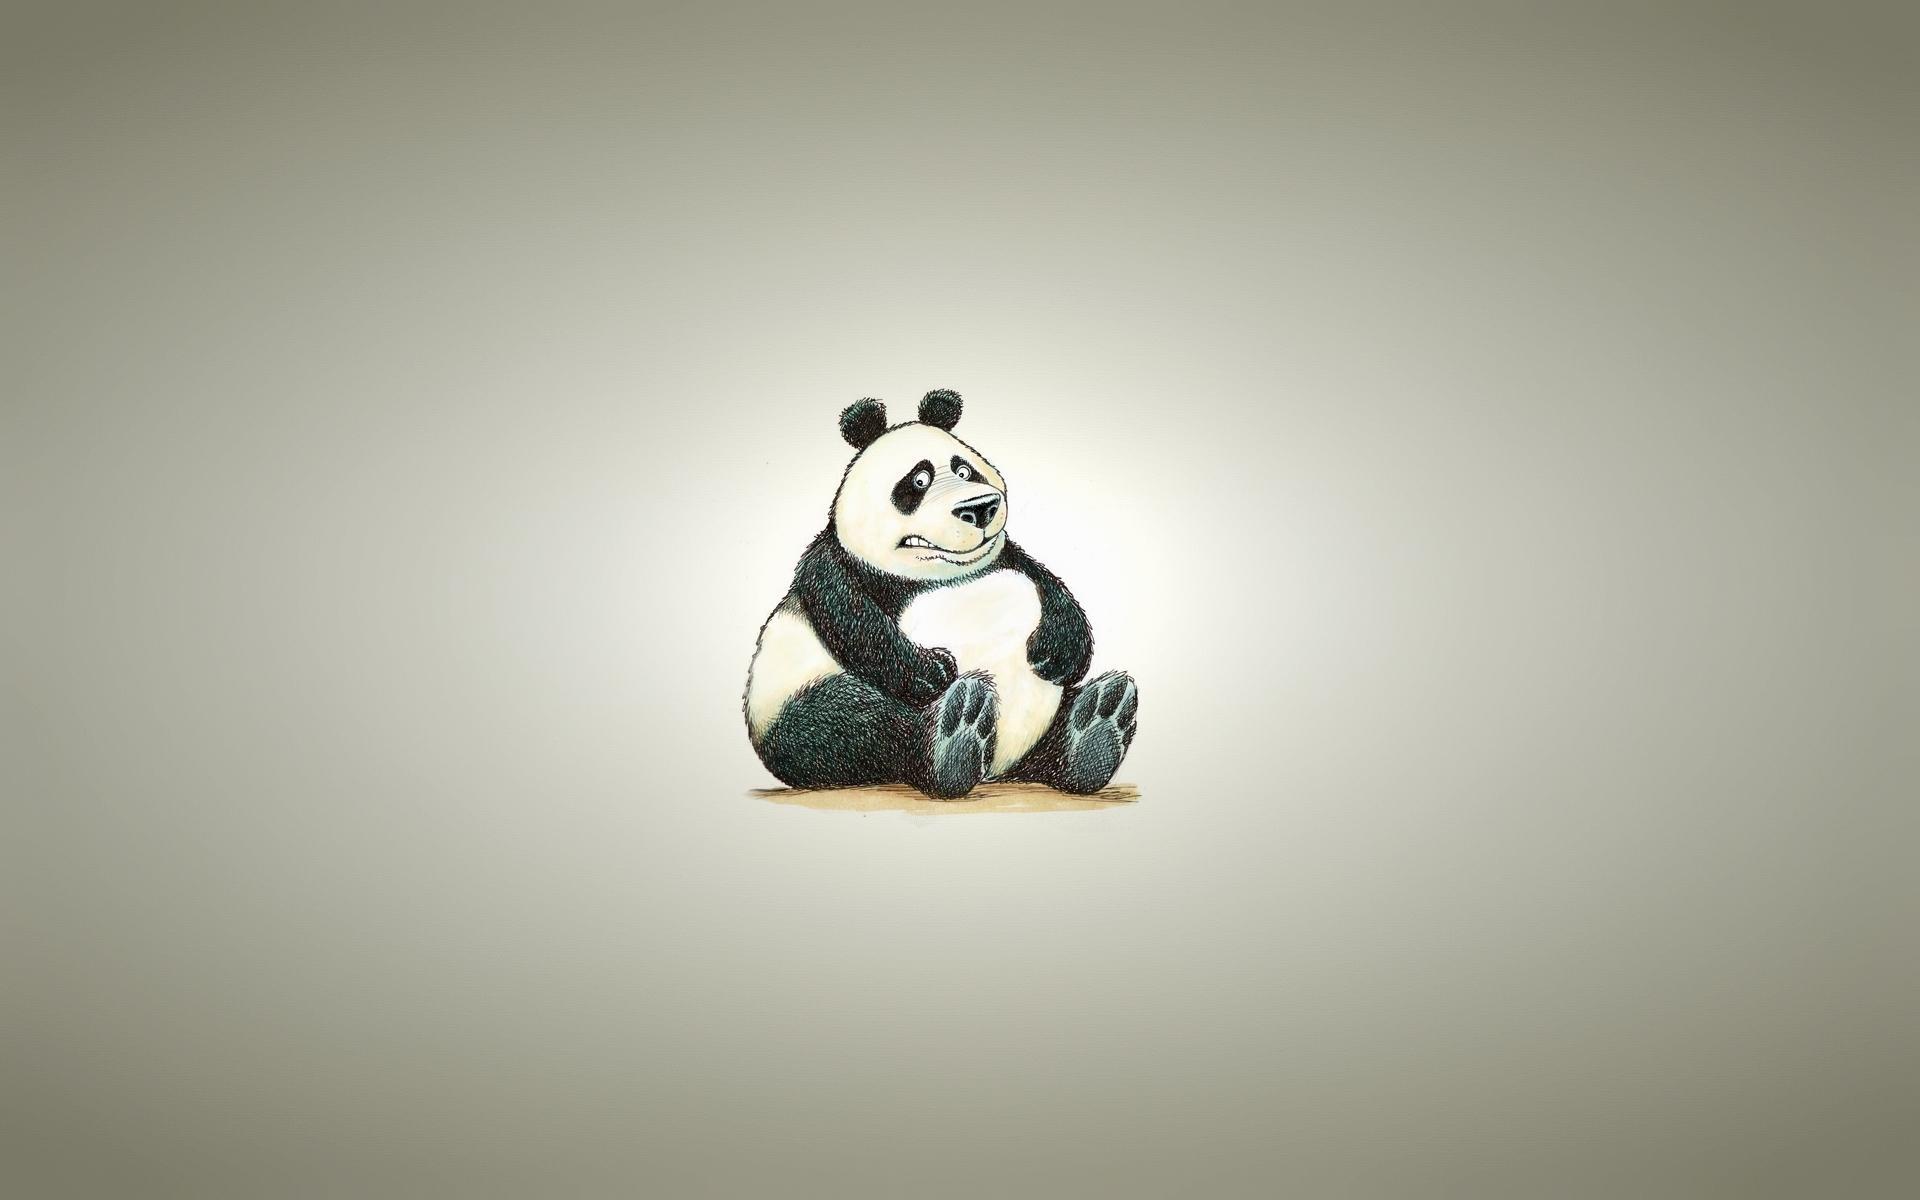 Wallpaper-HD-Fat-Panda-Bear